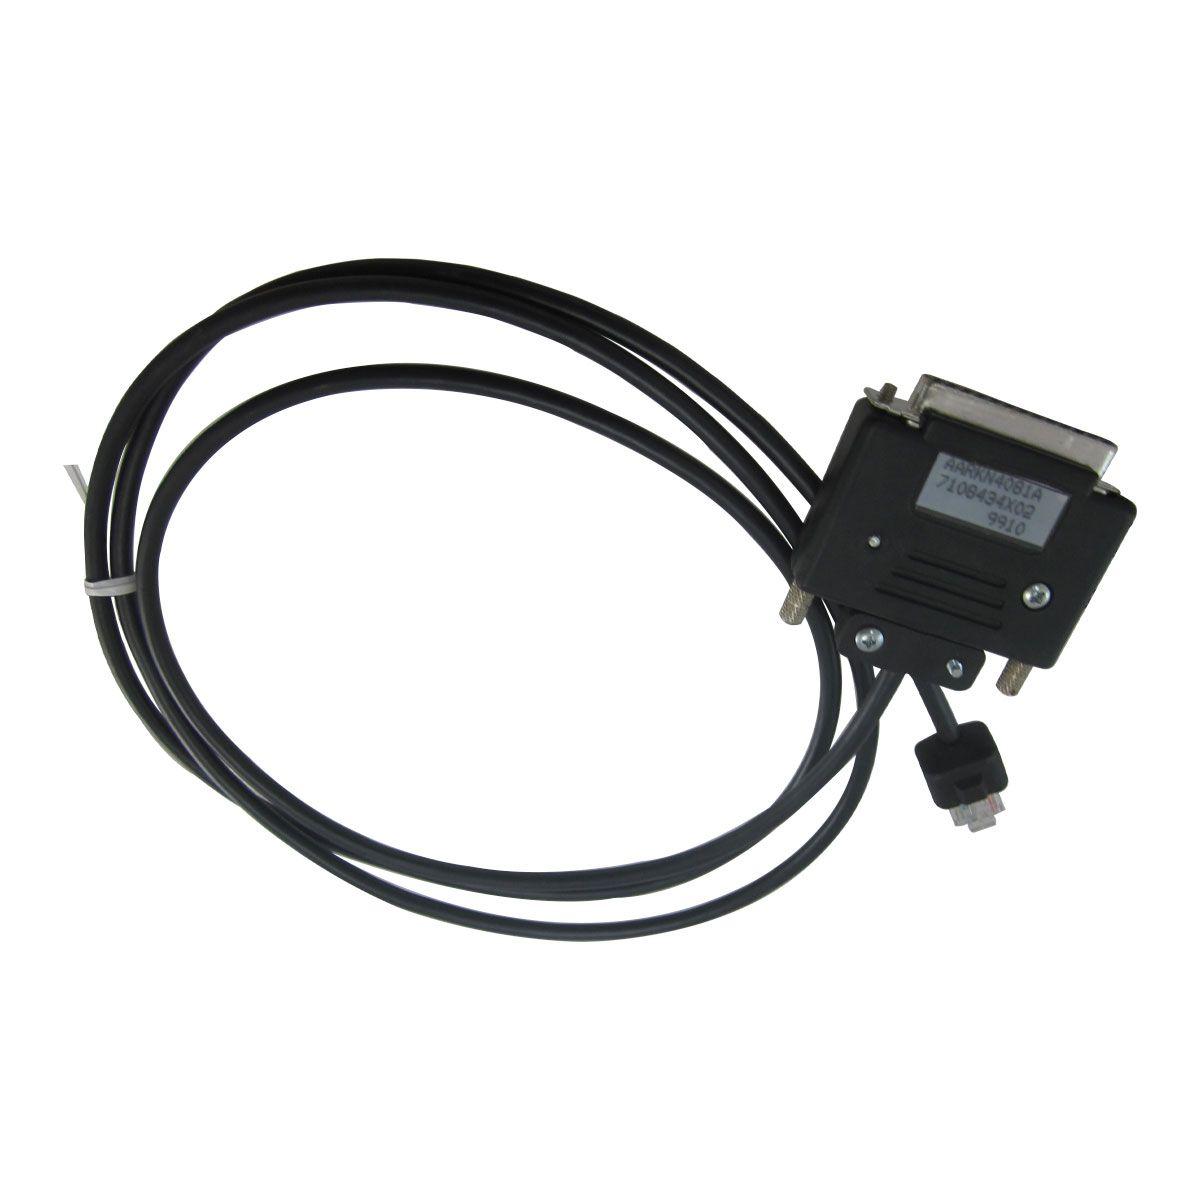 Cable de programación Motorola AARKN4081 para radio EM200 Y EM400